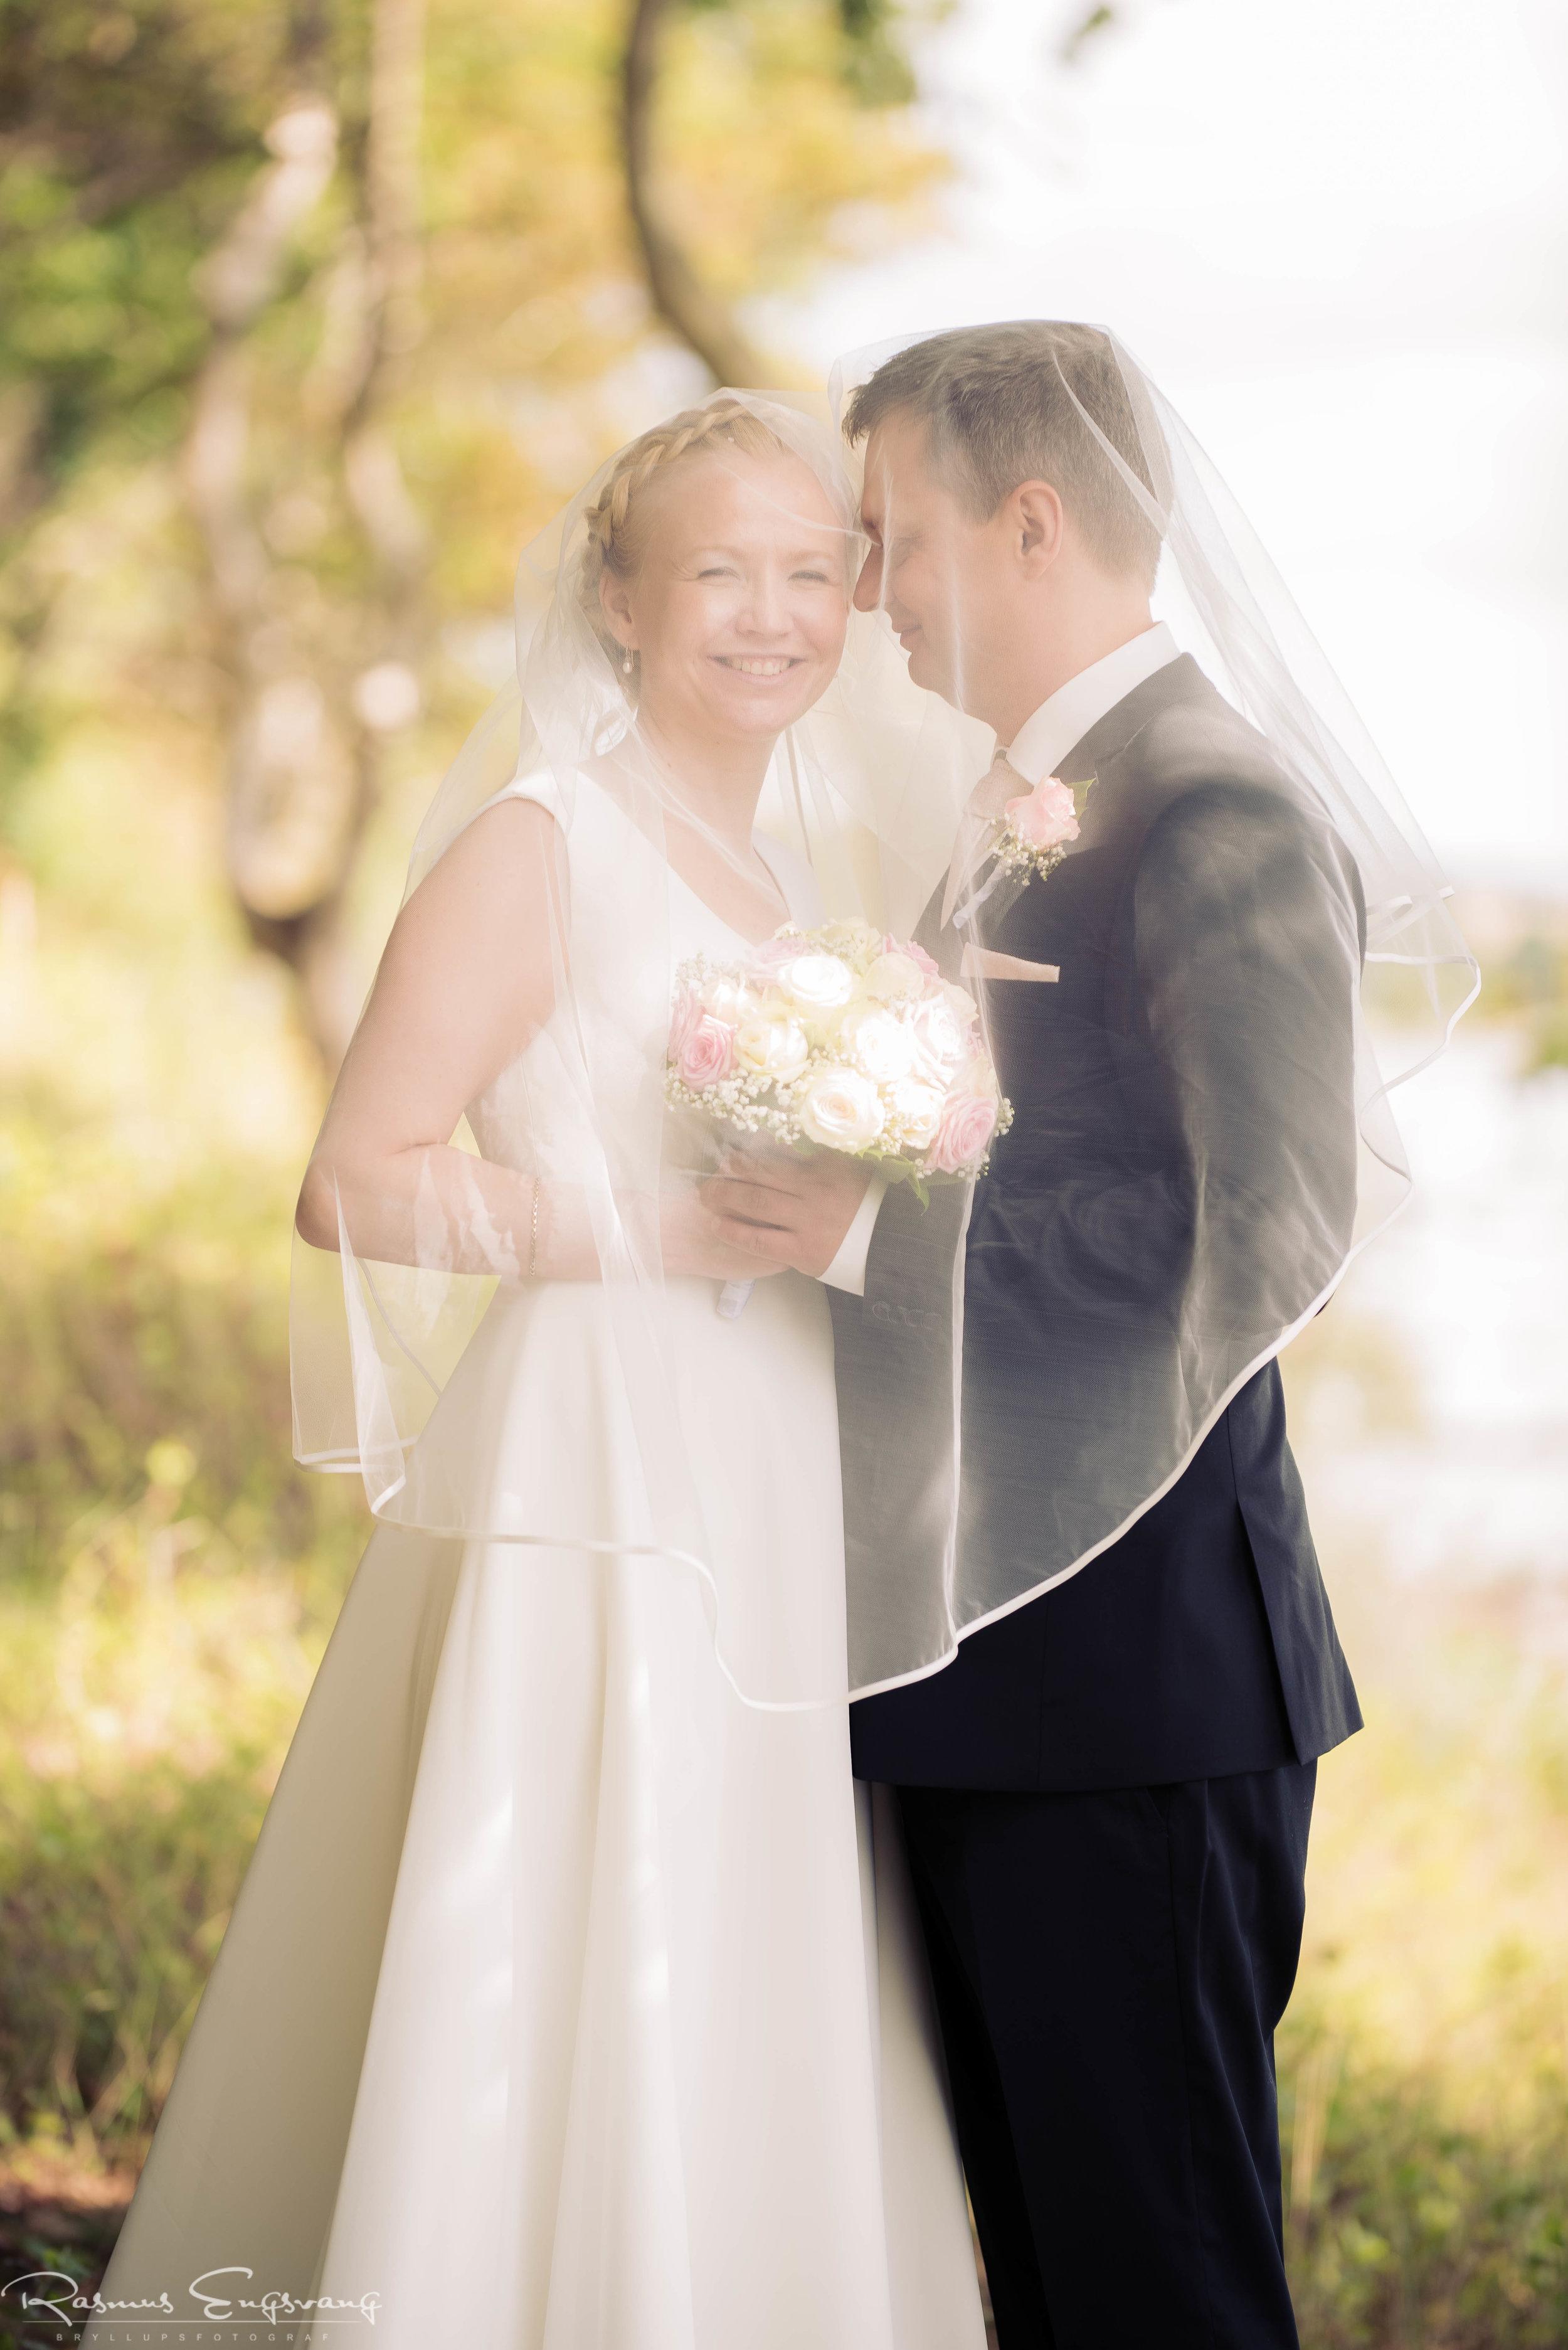 Bryllupsfotograf_Sjælland_Skælskør_Marvede_Fjordbakken-206.jpg